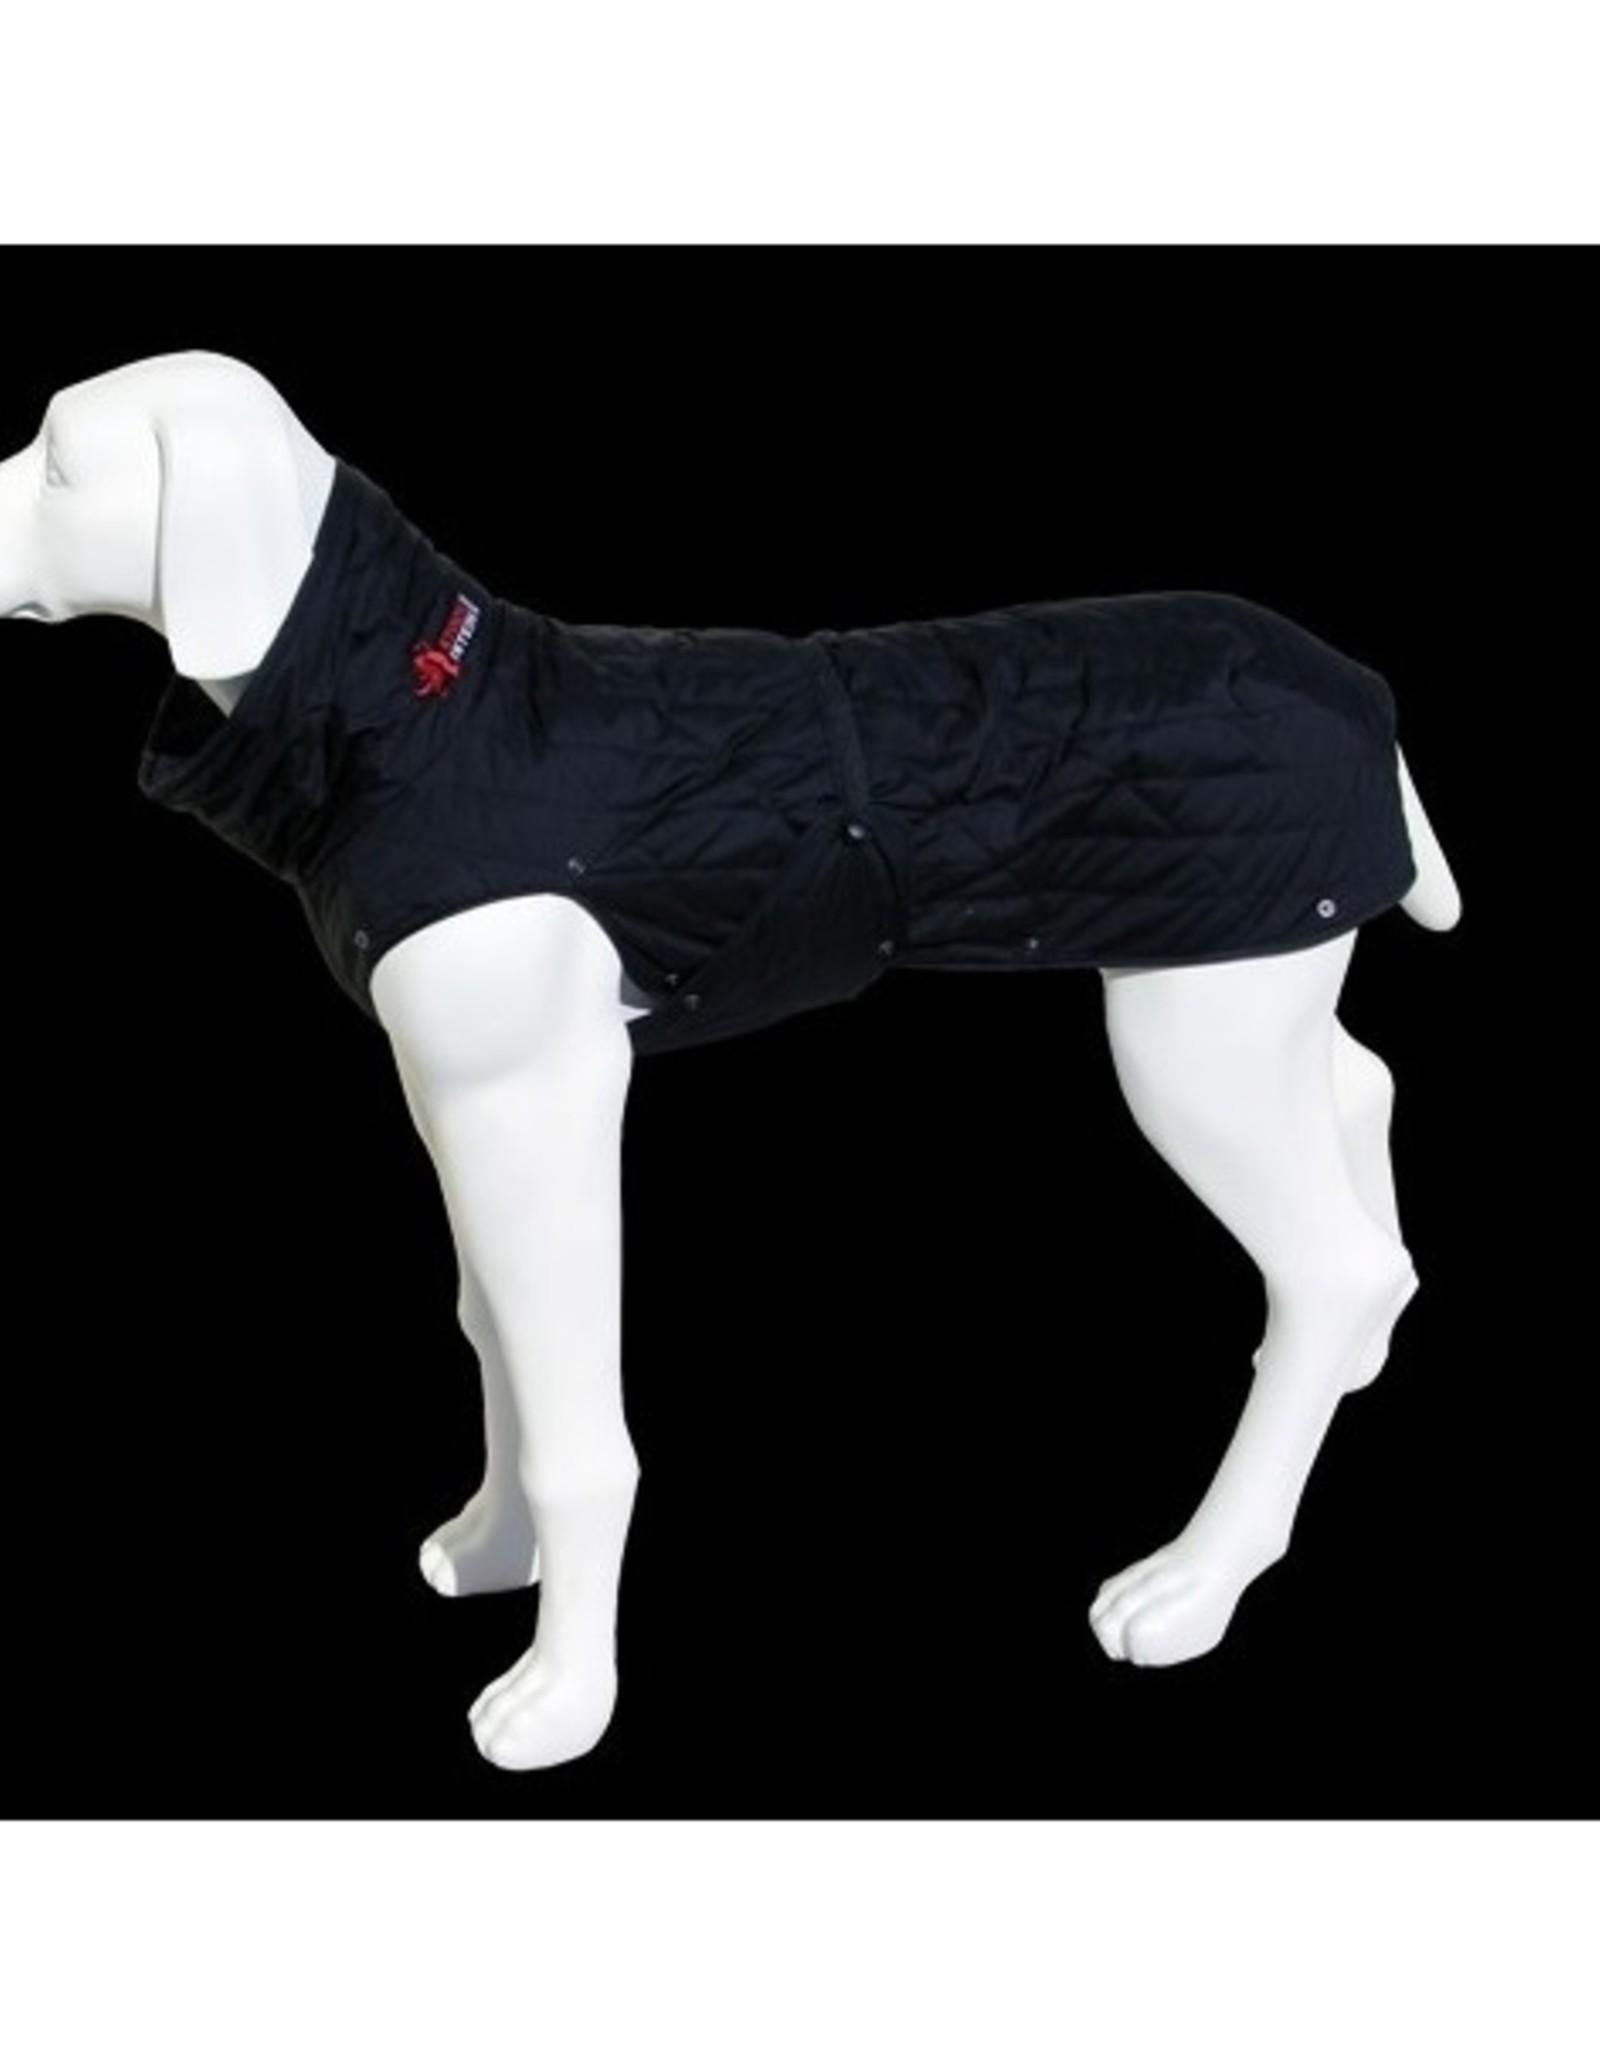 Stock Und Stein Honden coldmaster zwart Meduim